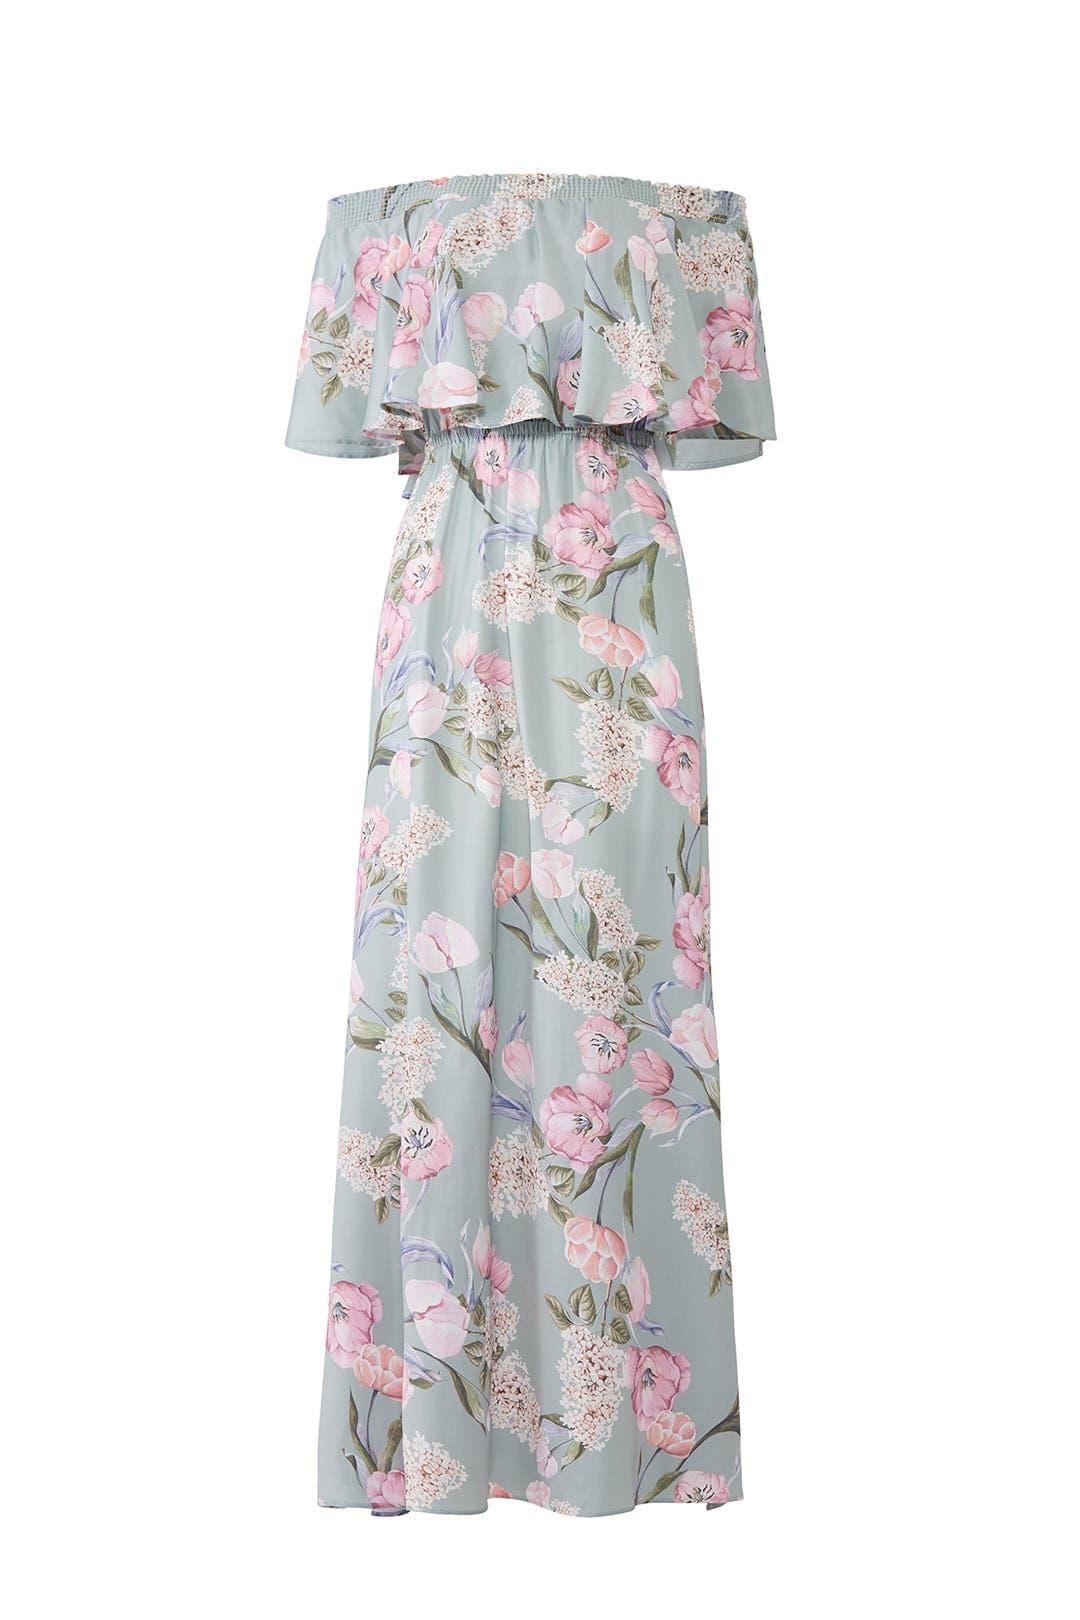 b2c1d188323 Show Me Your Mumu. Read Reviews. Primavera Floral Hacienda Maxi